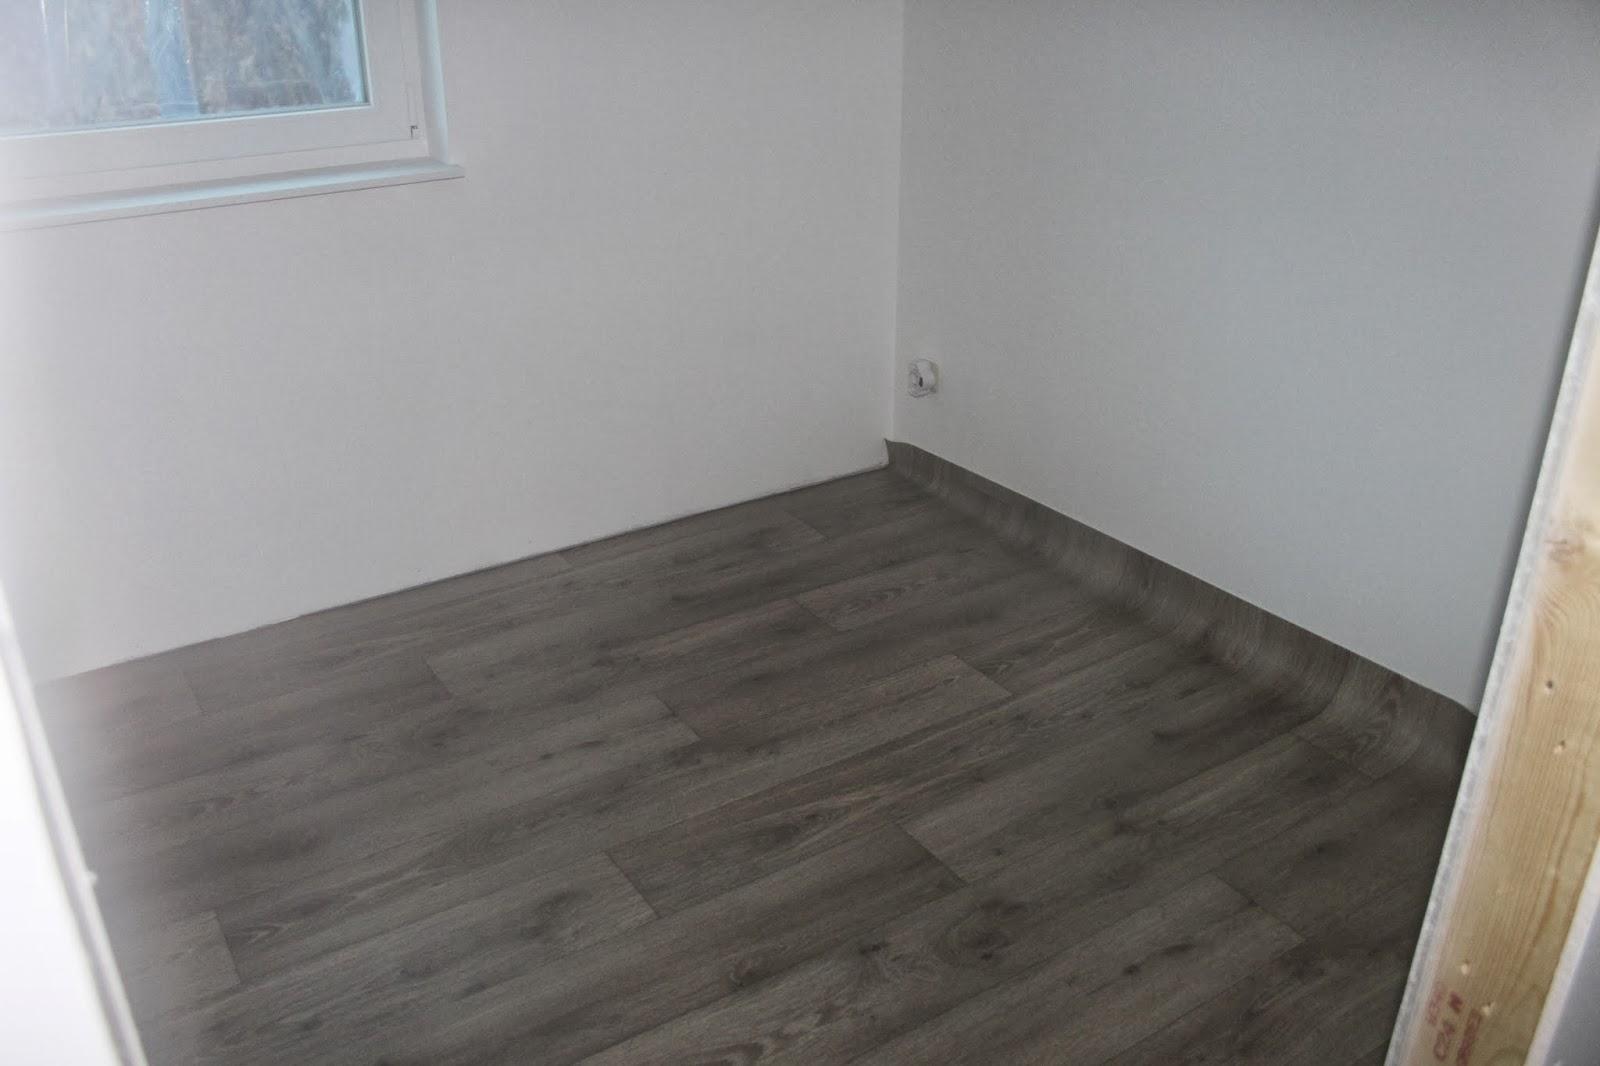 Fußboden Ideen Zumi ~ Vinyl fußboden küche bodenbelag kuche vinyl größten with